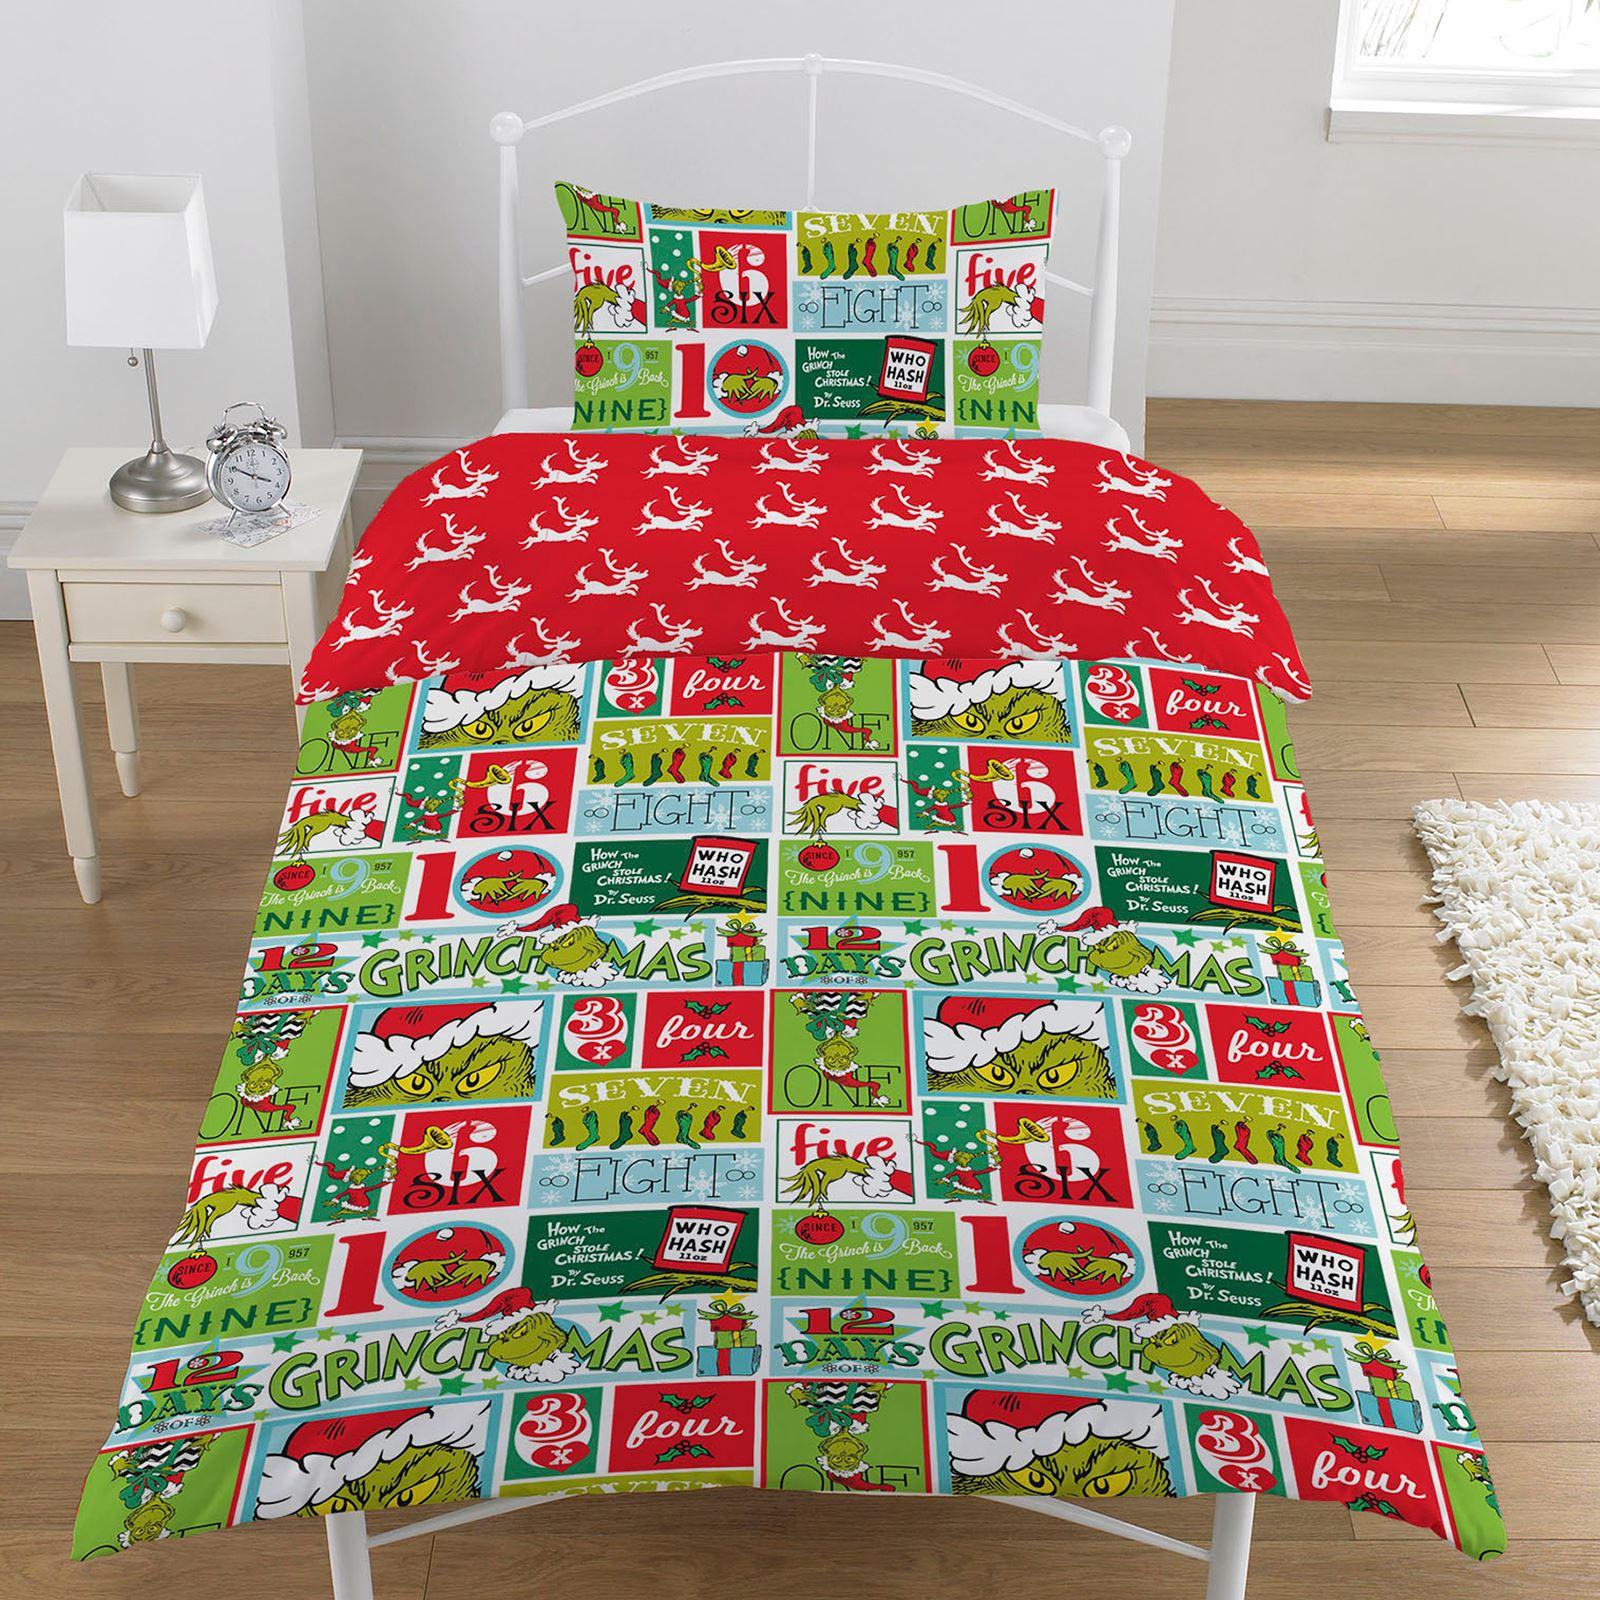 Indexbild 88 - Kinder Weihnachten Bettbezug Sets - Junior Einzel Doppel King - Elf Emoji Grinch